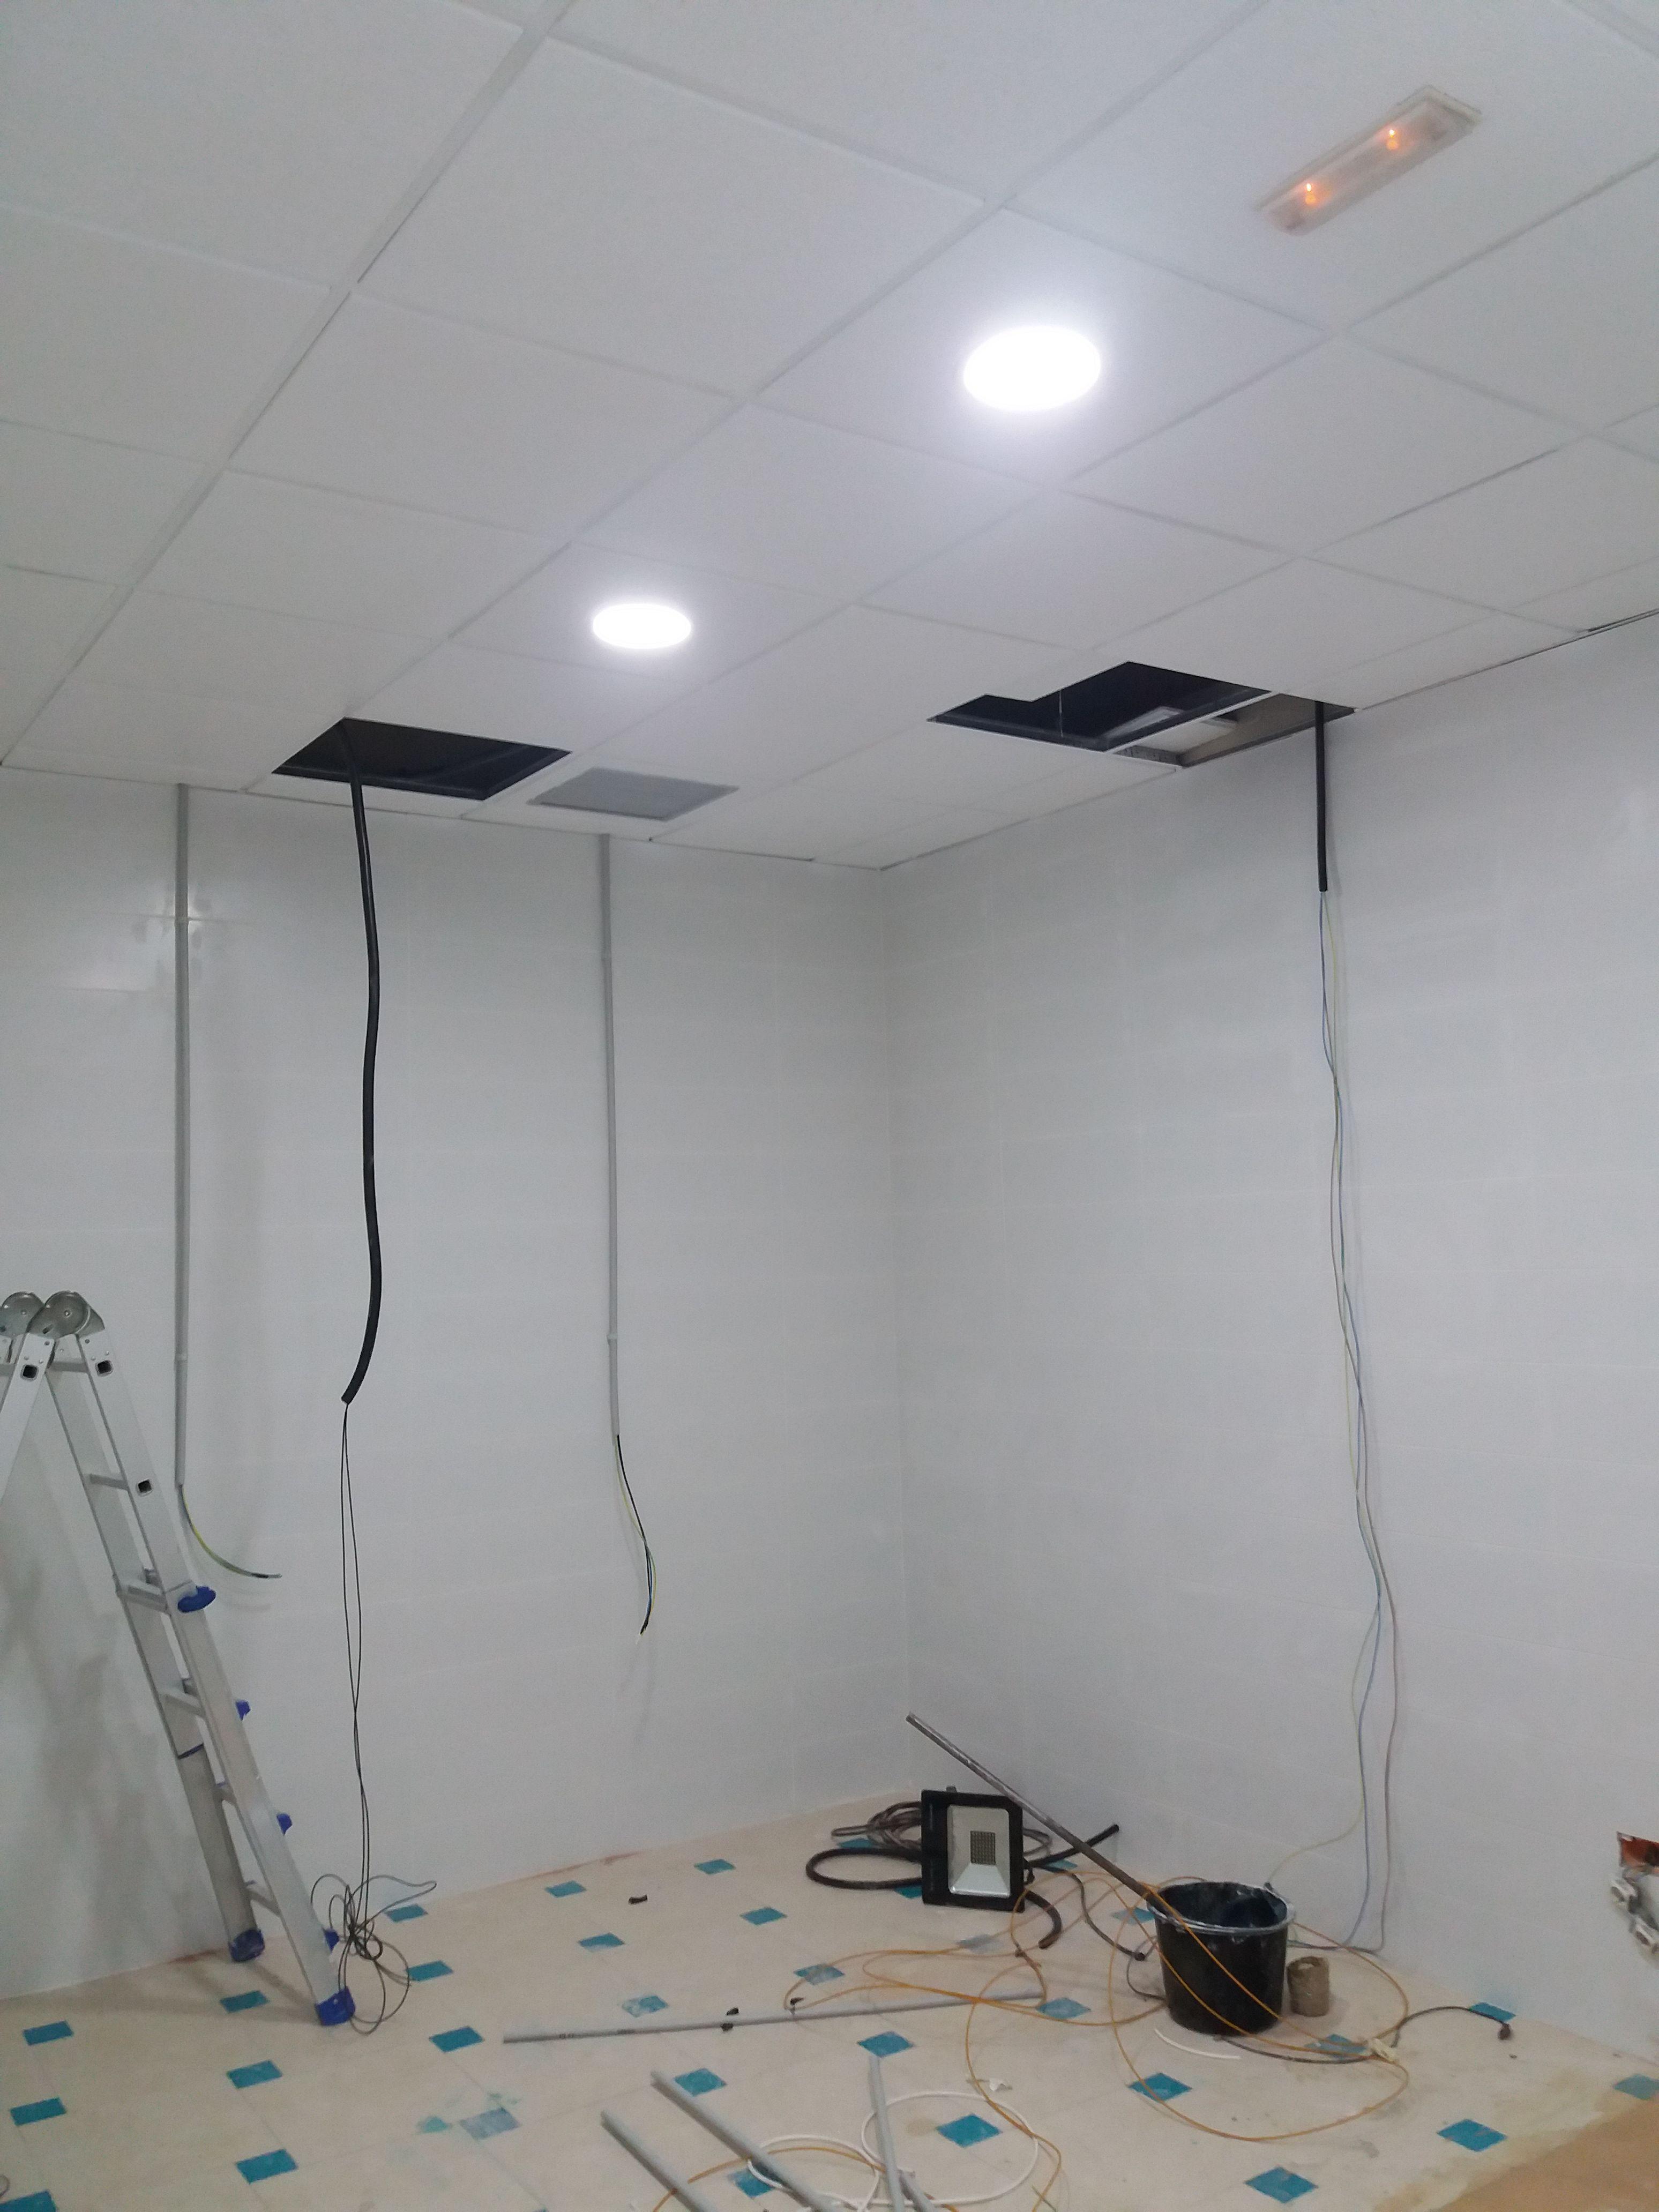 Instalaciones eléctricas en oficinas en Roquetas de Mar